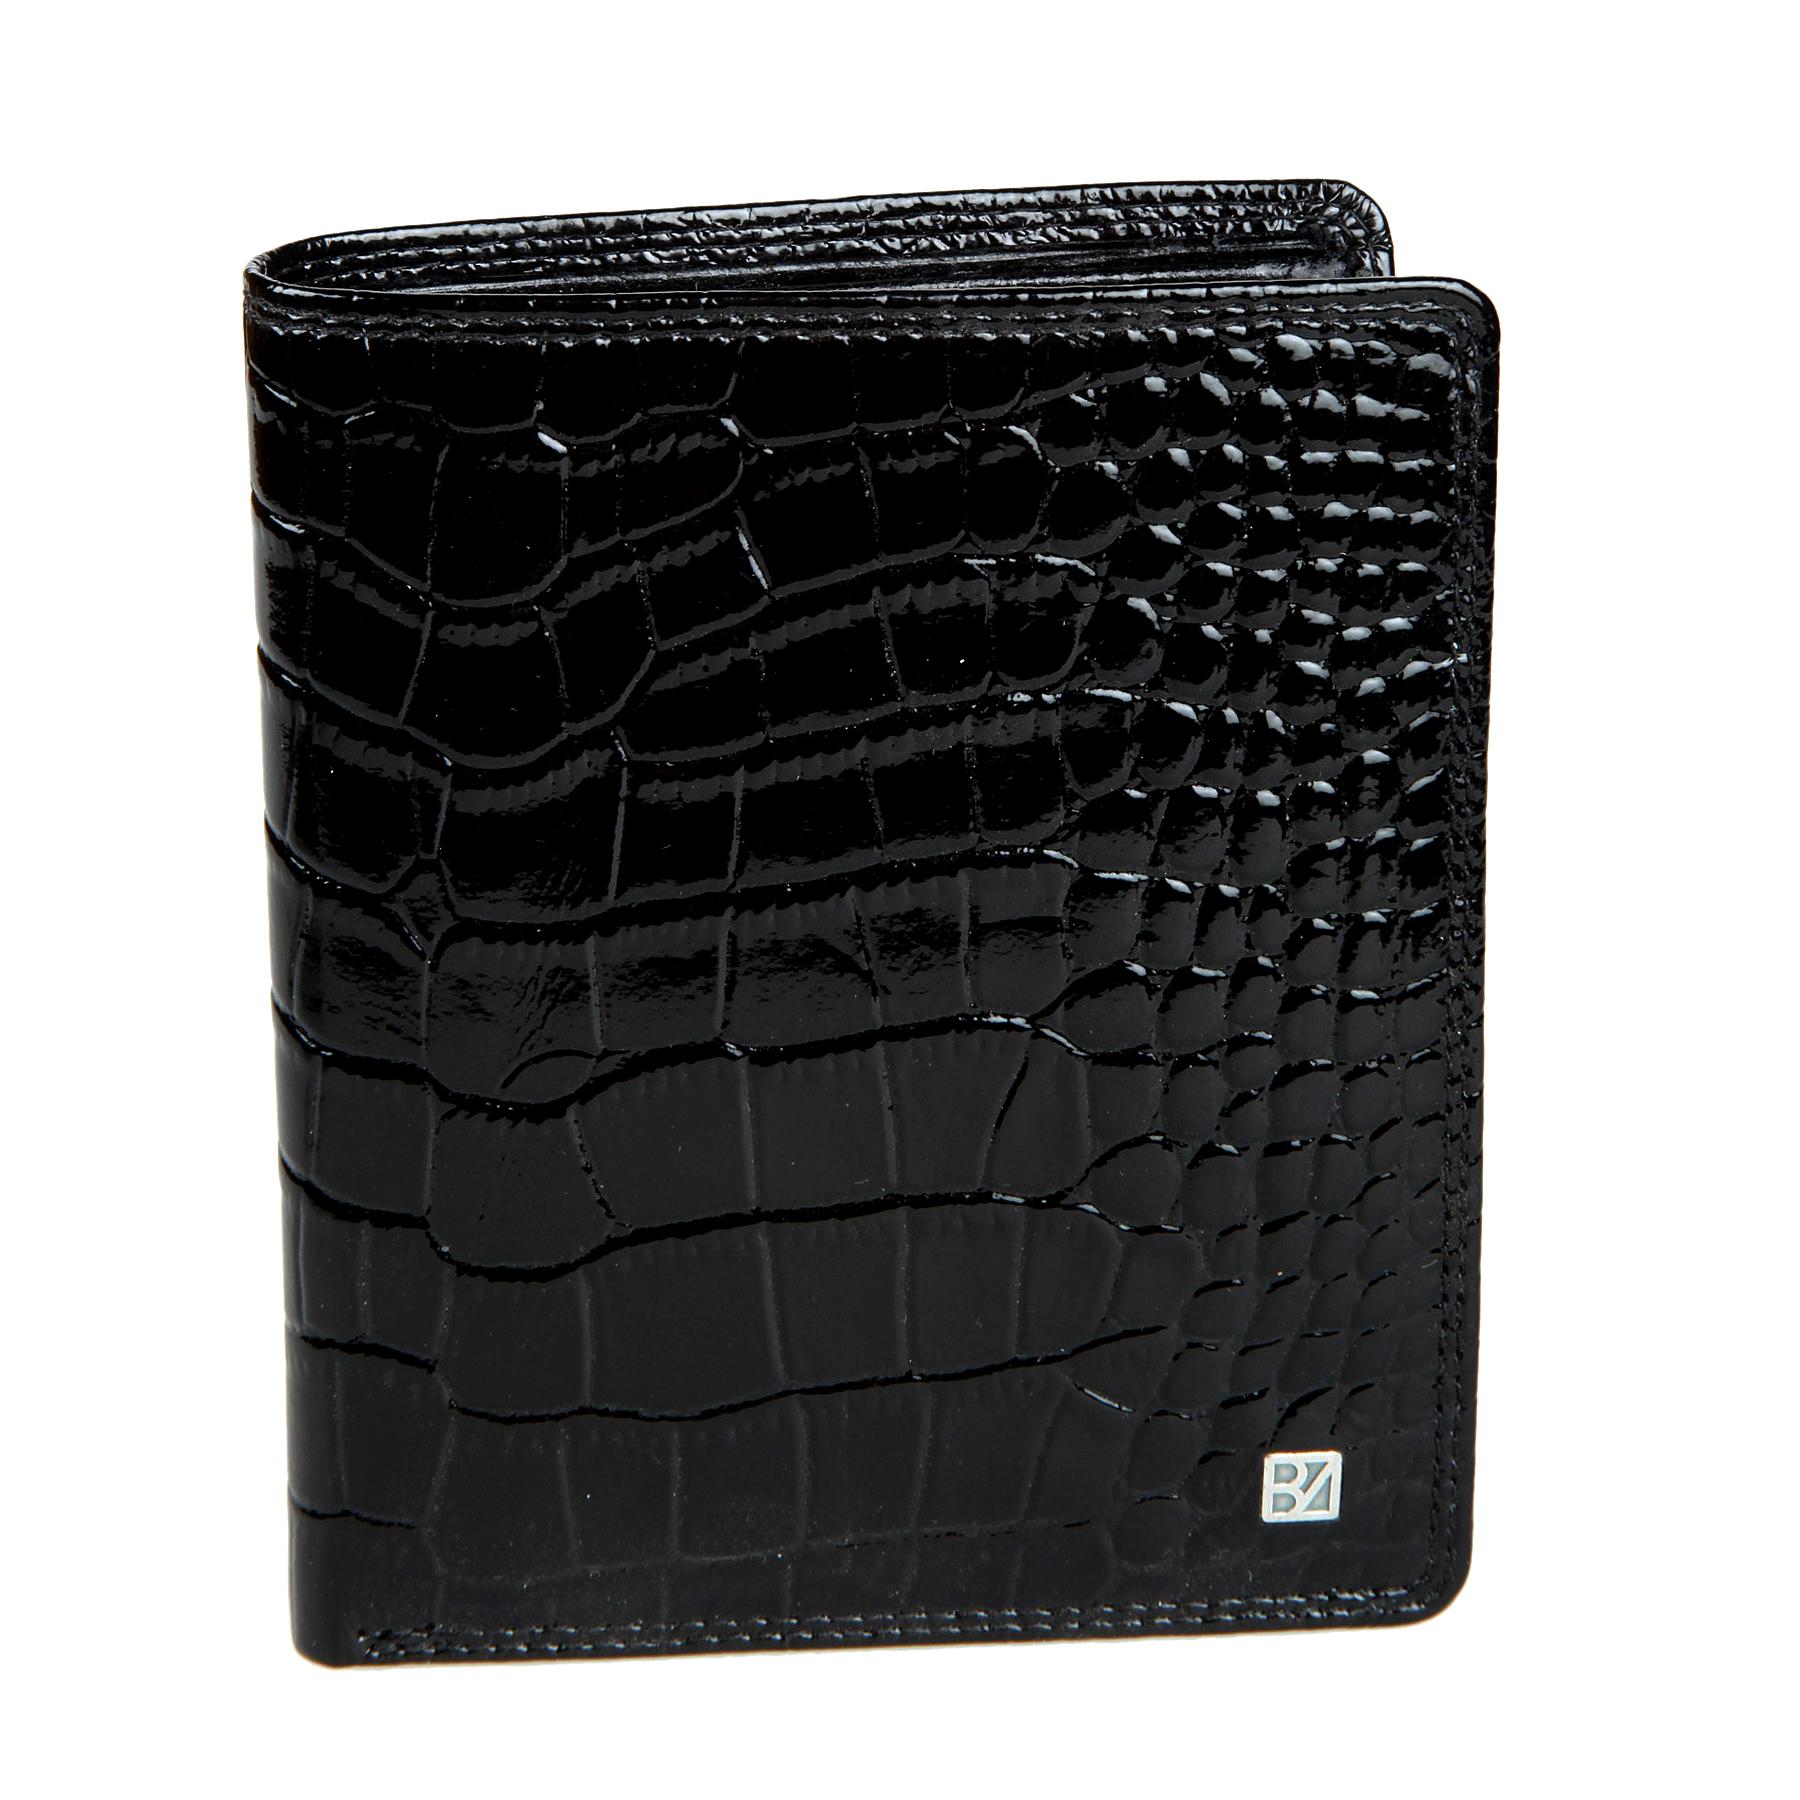 Портмоне женское Bodenschatz, цвет: черный. 4-762 black4-762 blackРаскладывается пополам, внутри два отделение для купюр, девять кармашков для пластиковых карт, сетчатый карман для пропуска, карман для мелочи на кнопке, пять карманов для документов.